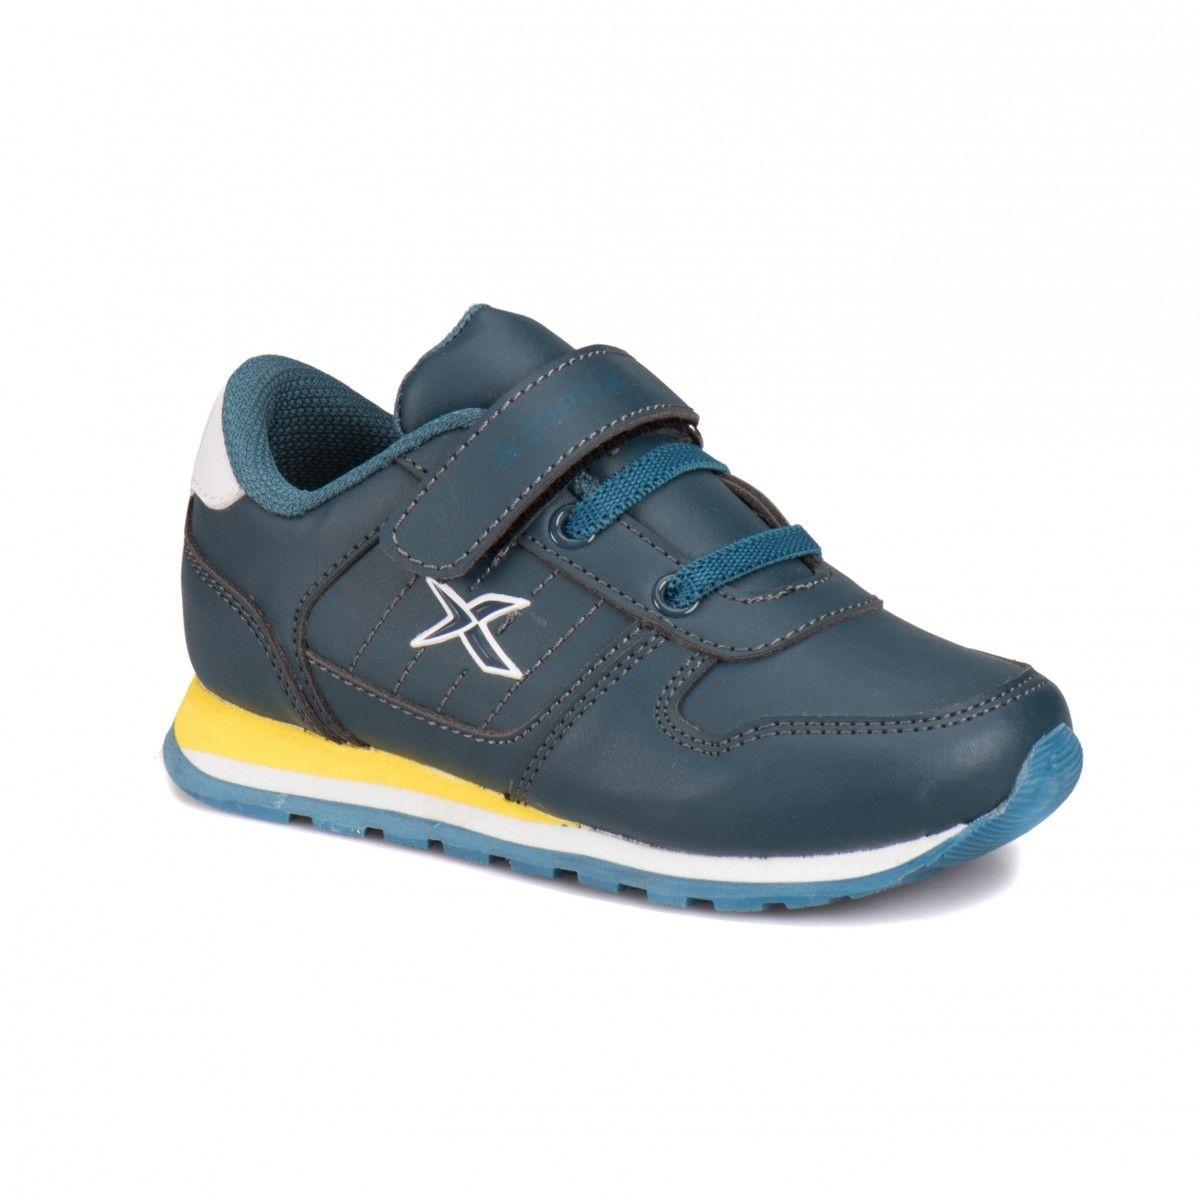 Kinetix A1318338 Petrol Sari Beyaz Erkek Cocuk Sneaker Sneaker Ayakkabilar Urunler